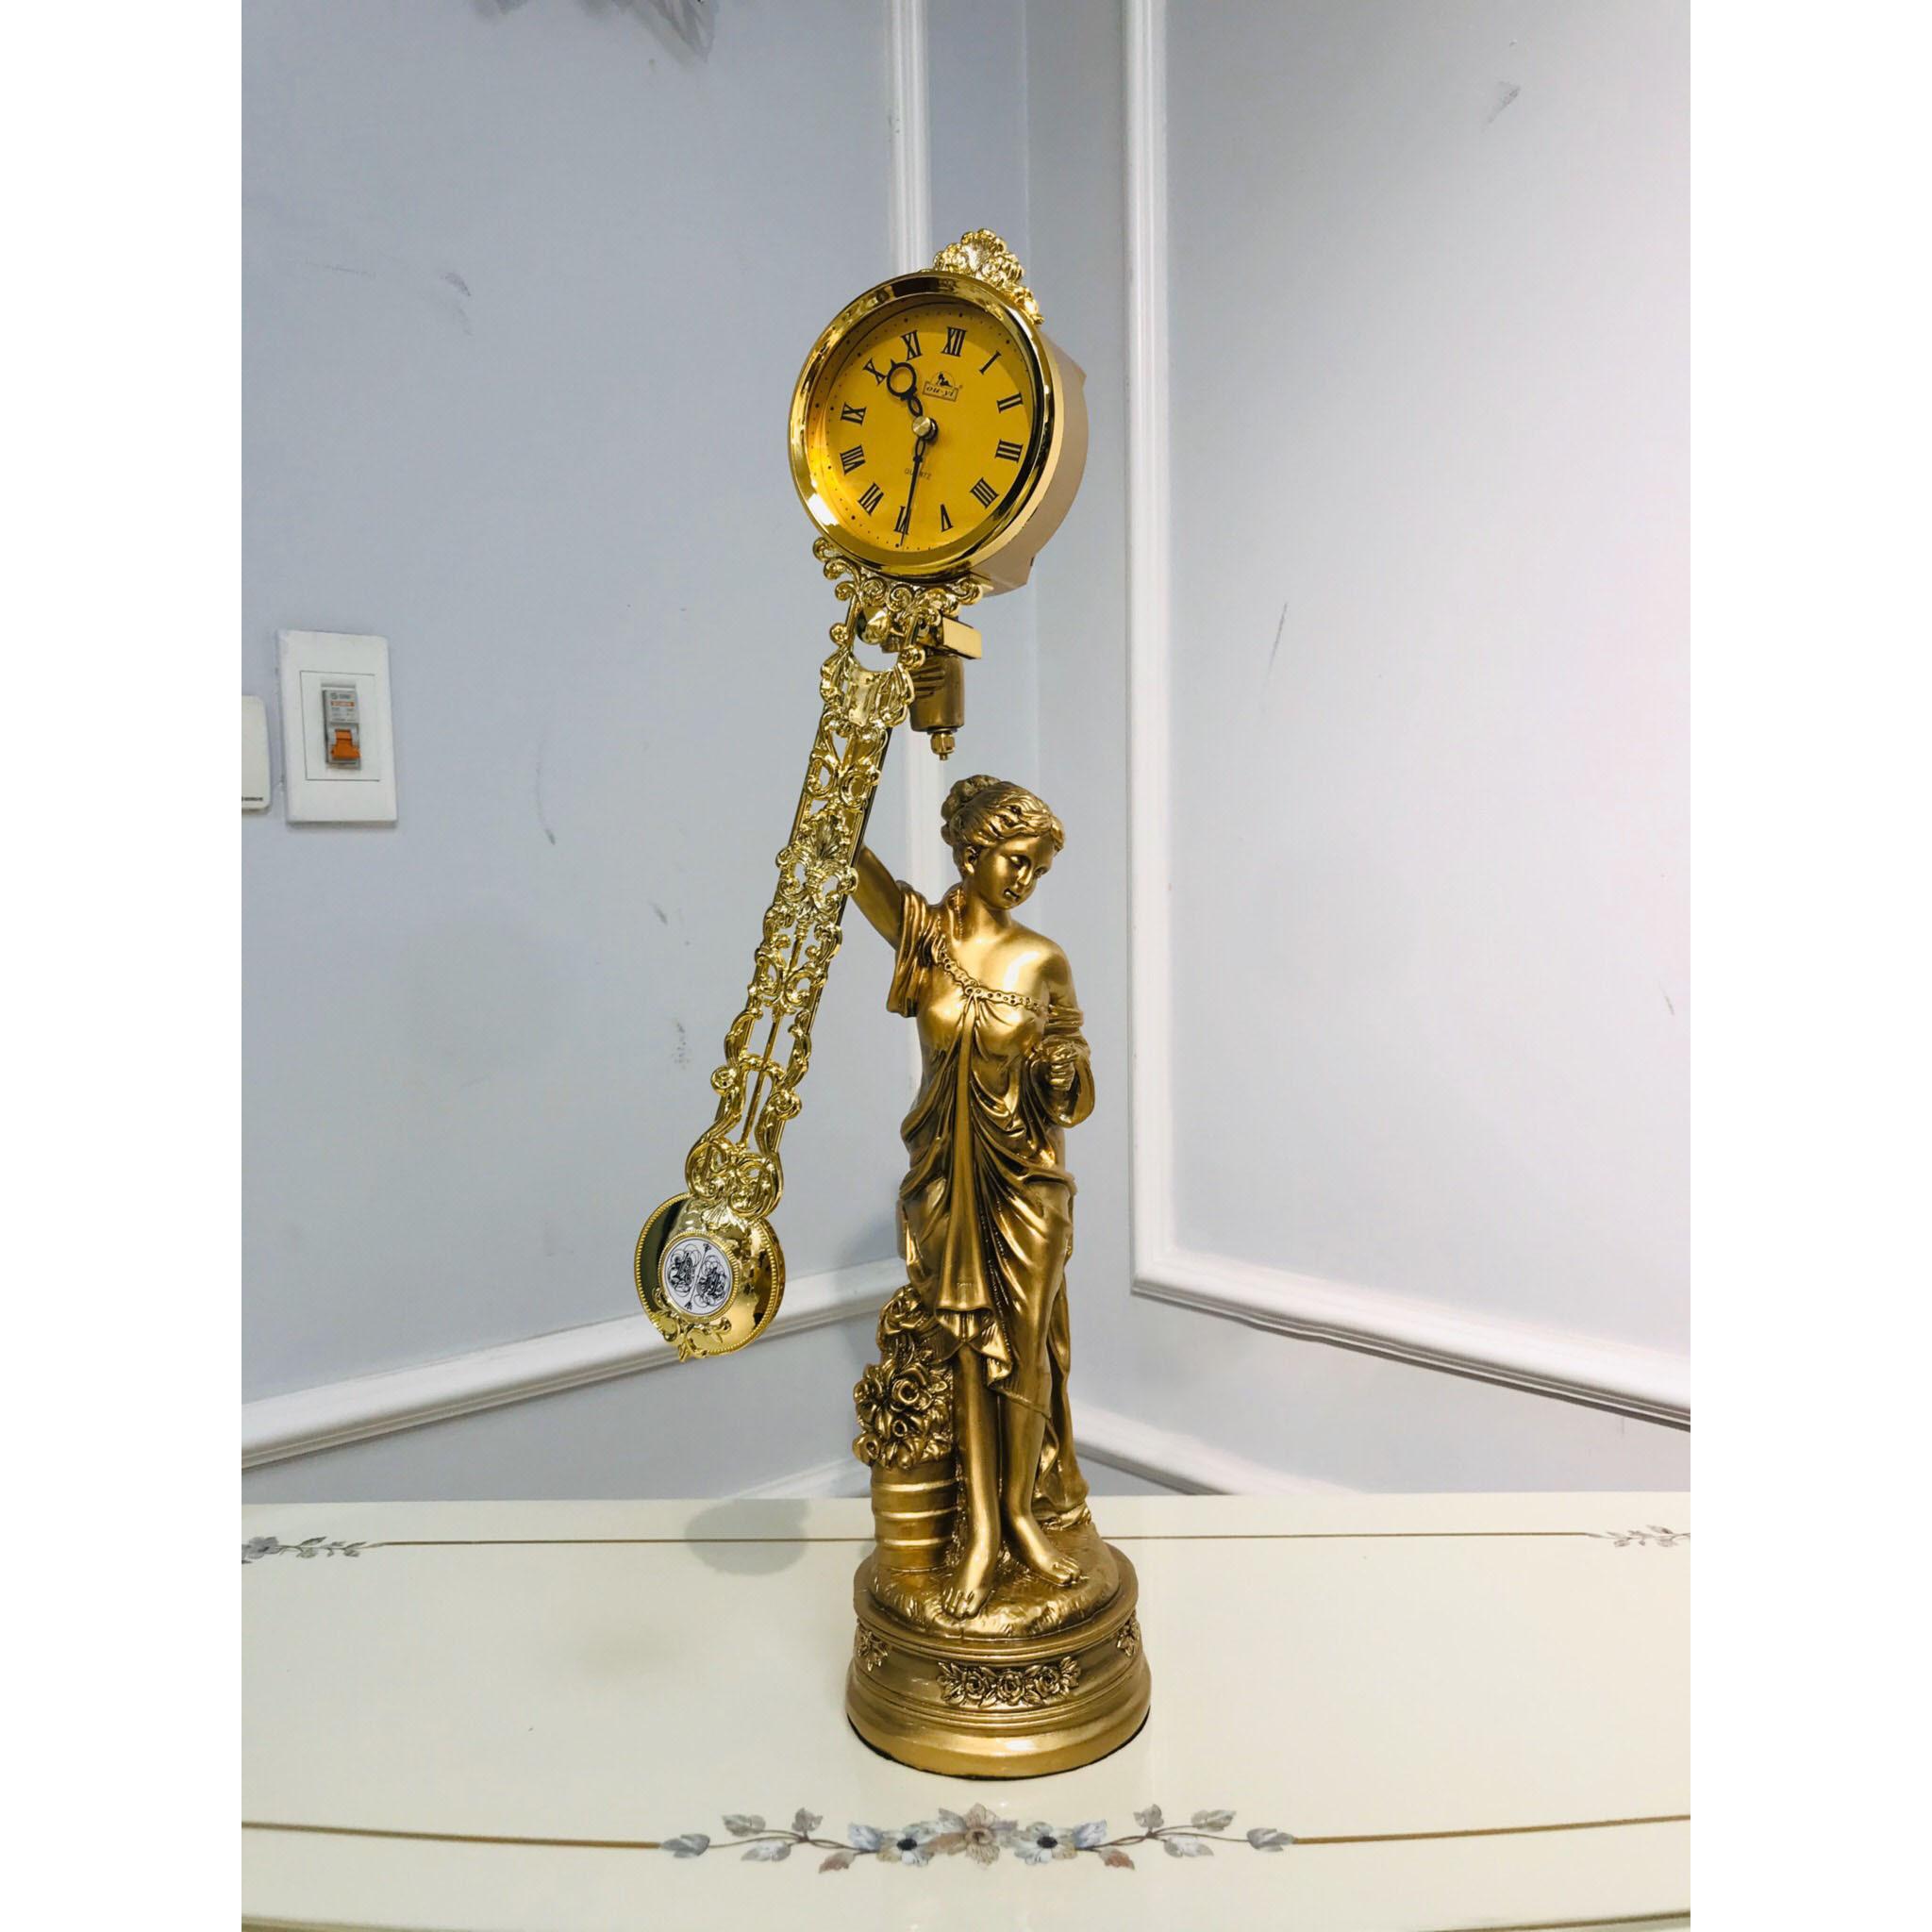 Đồng hồ quả lắc để bàn DH100thieunu - Đồng hồ để bàn cổ điển đẹp sang trọng kích thước  15 x 15 x 60 cm để kệ tủ trang trí phòng khách nhà ở.